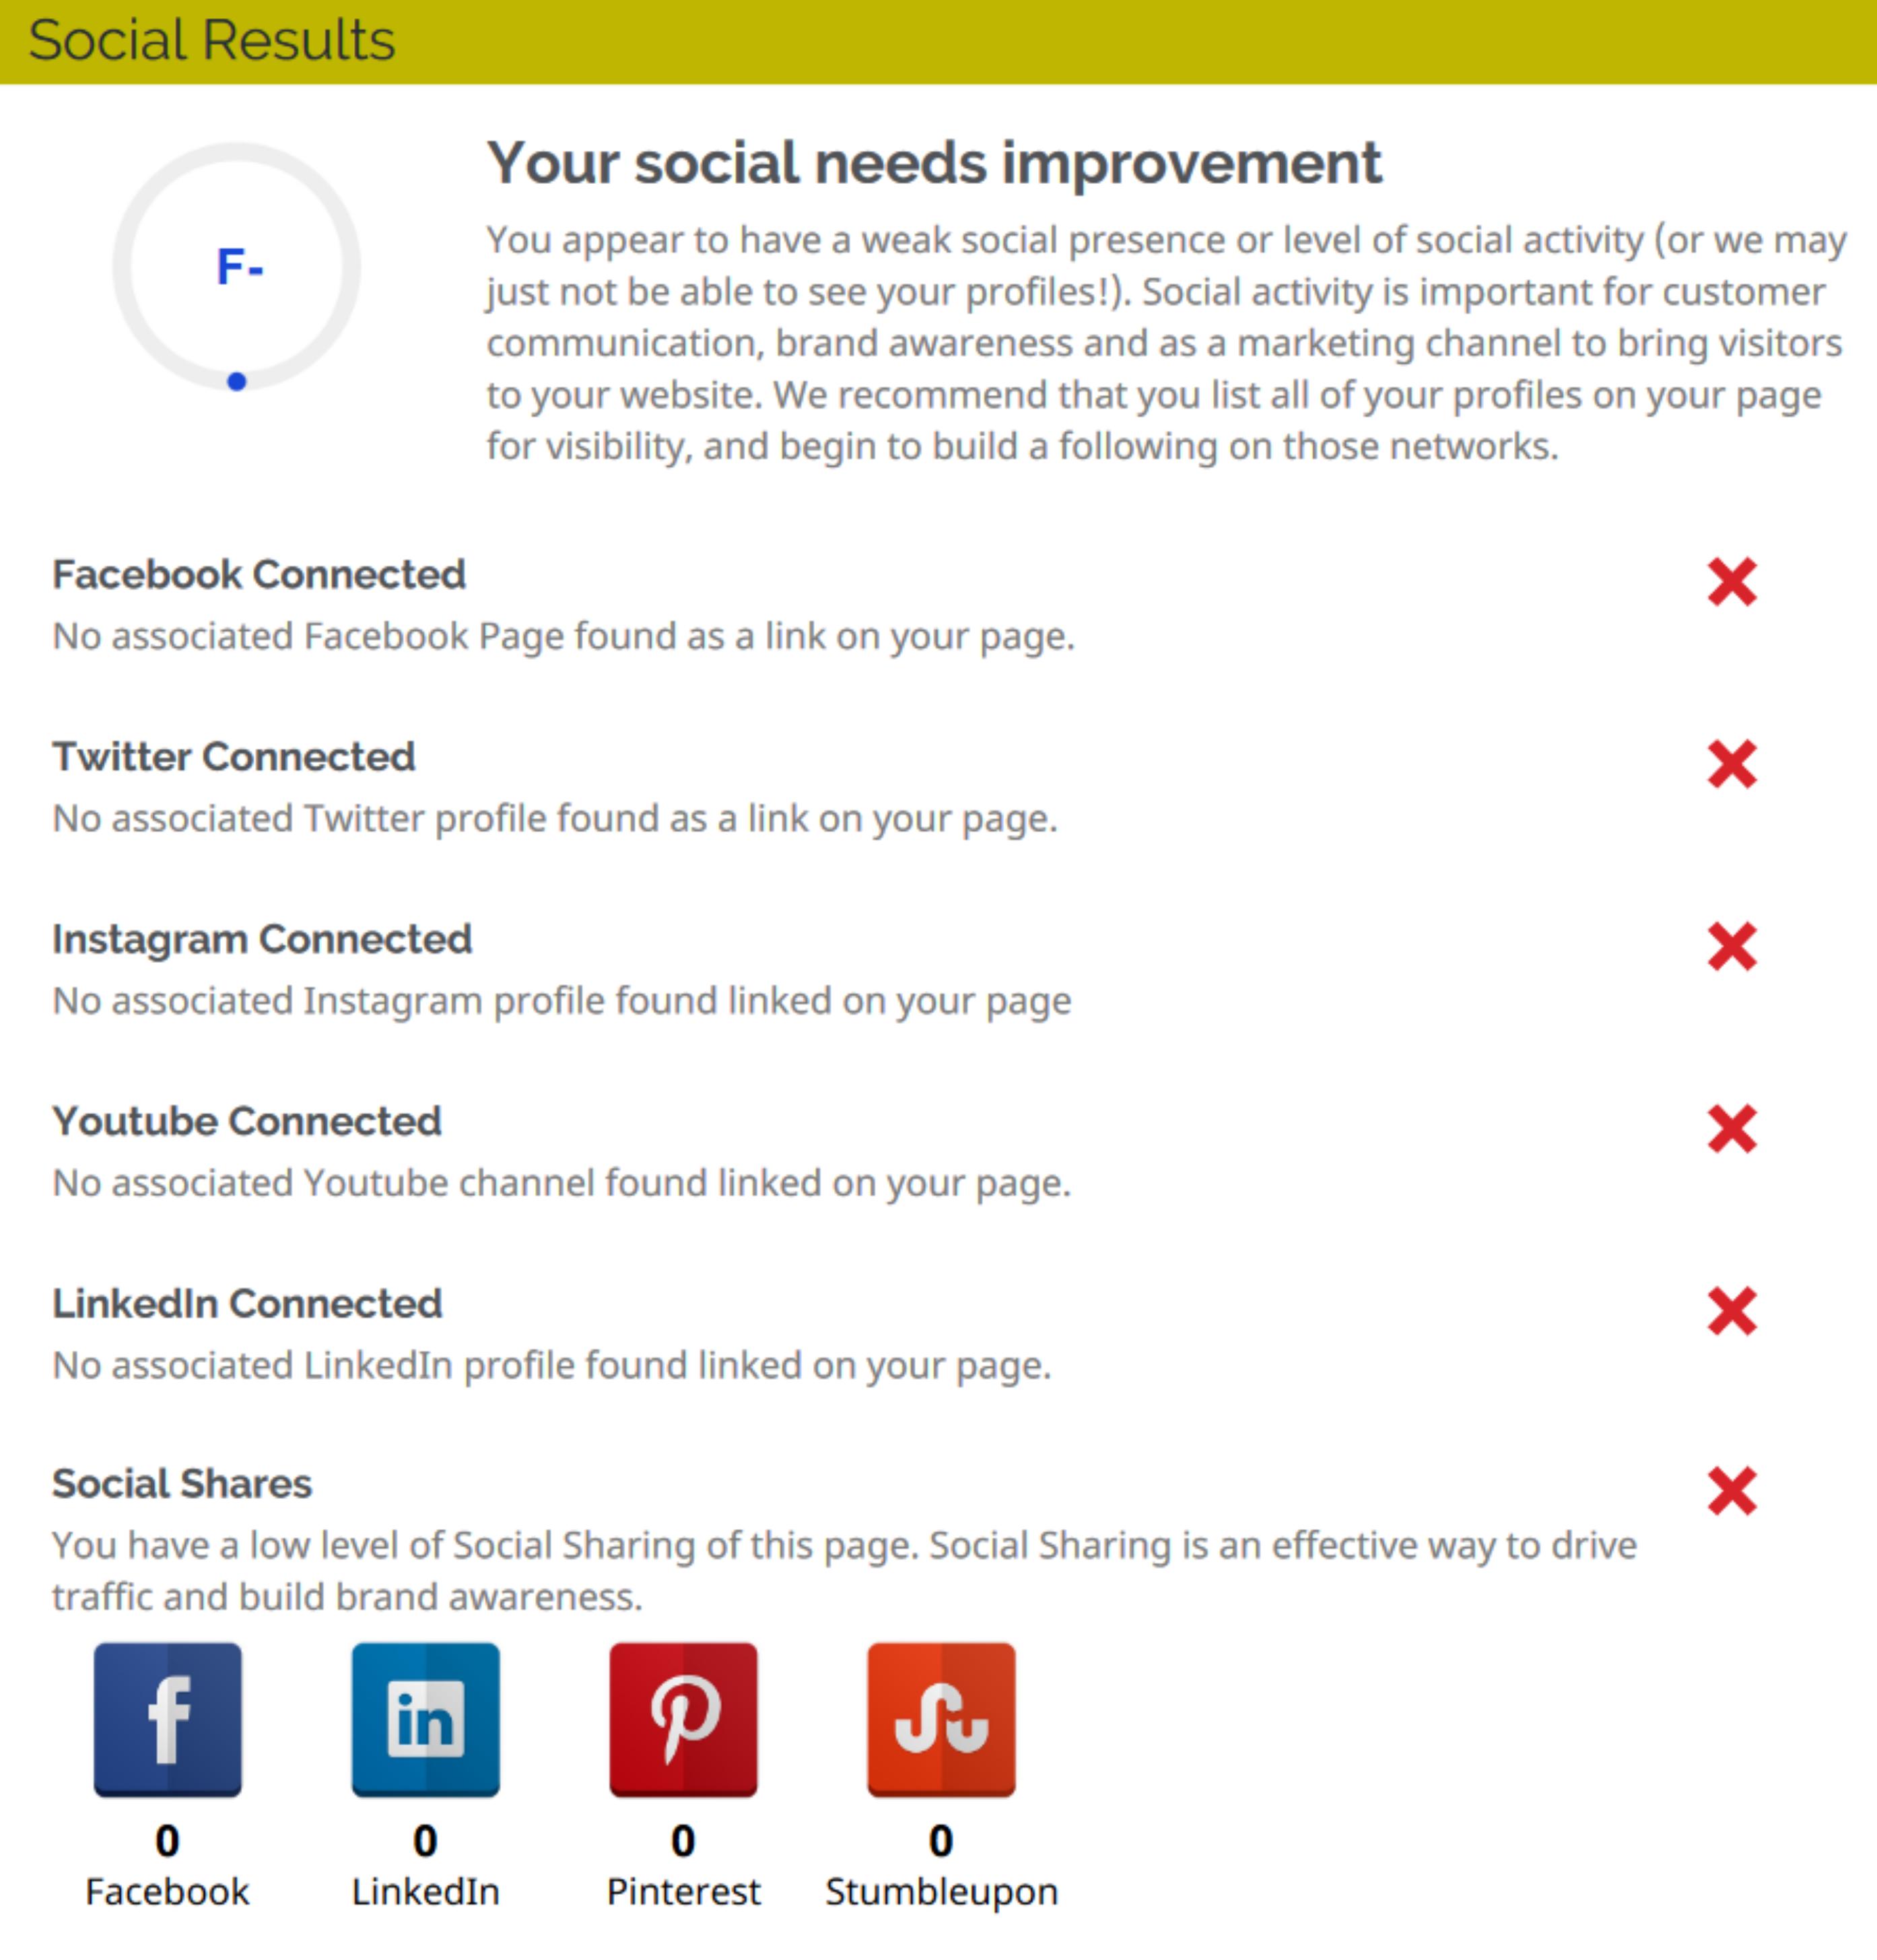 Website Audit Tool - Social Results